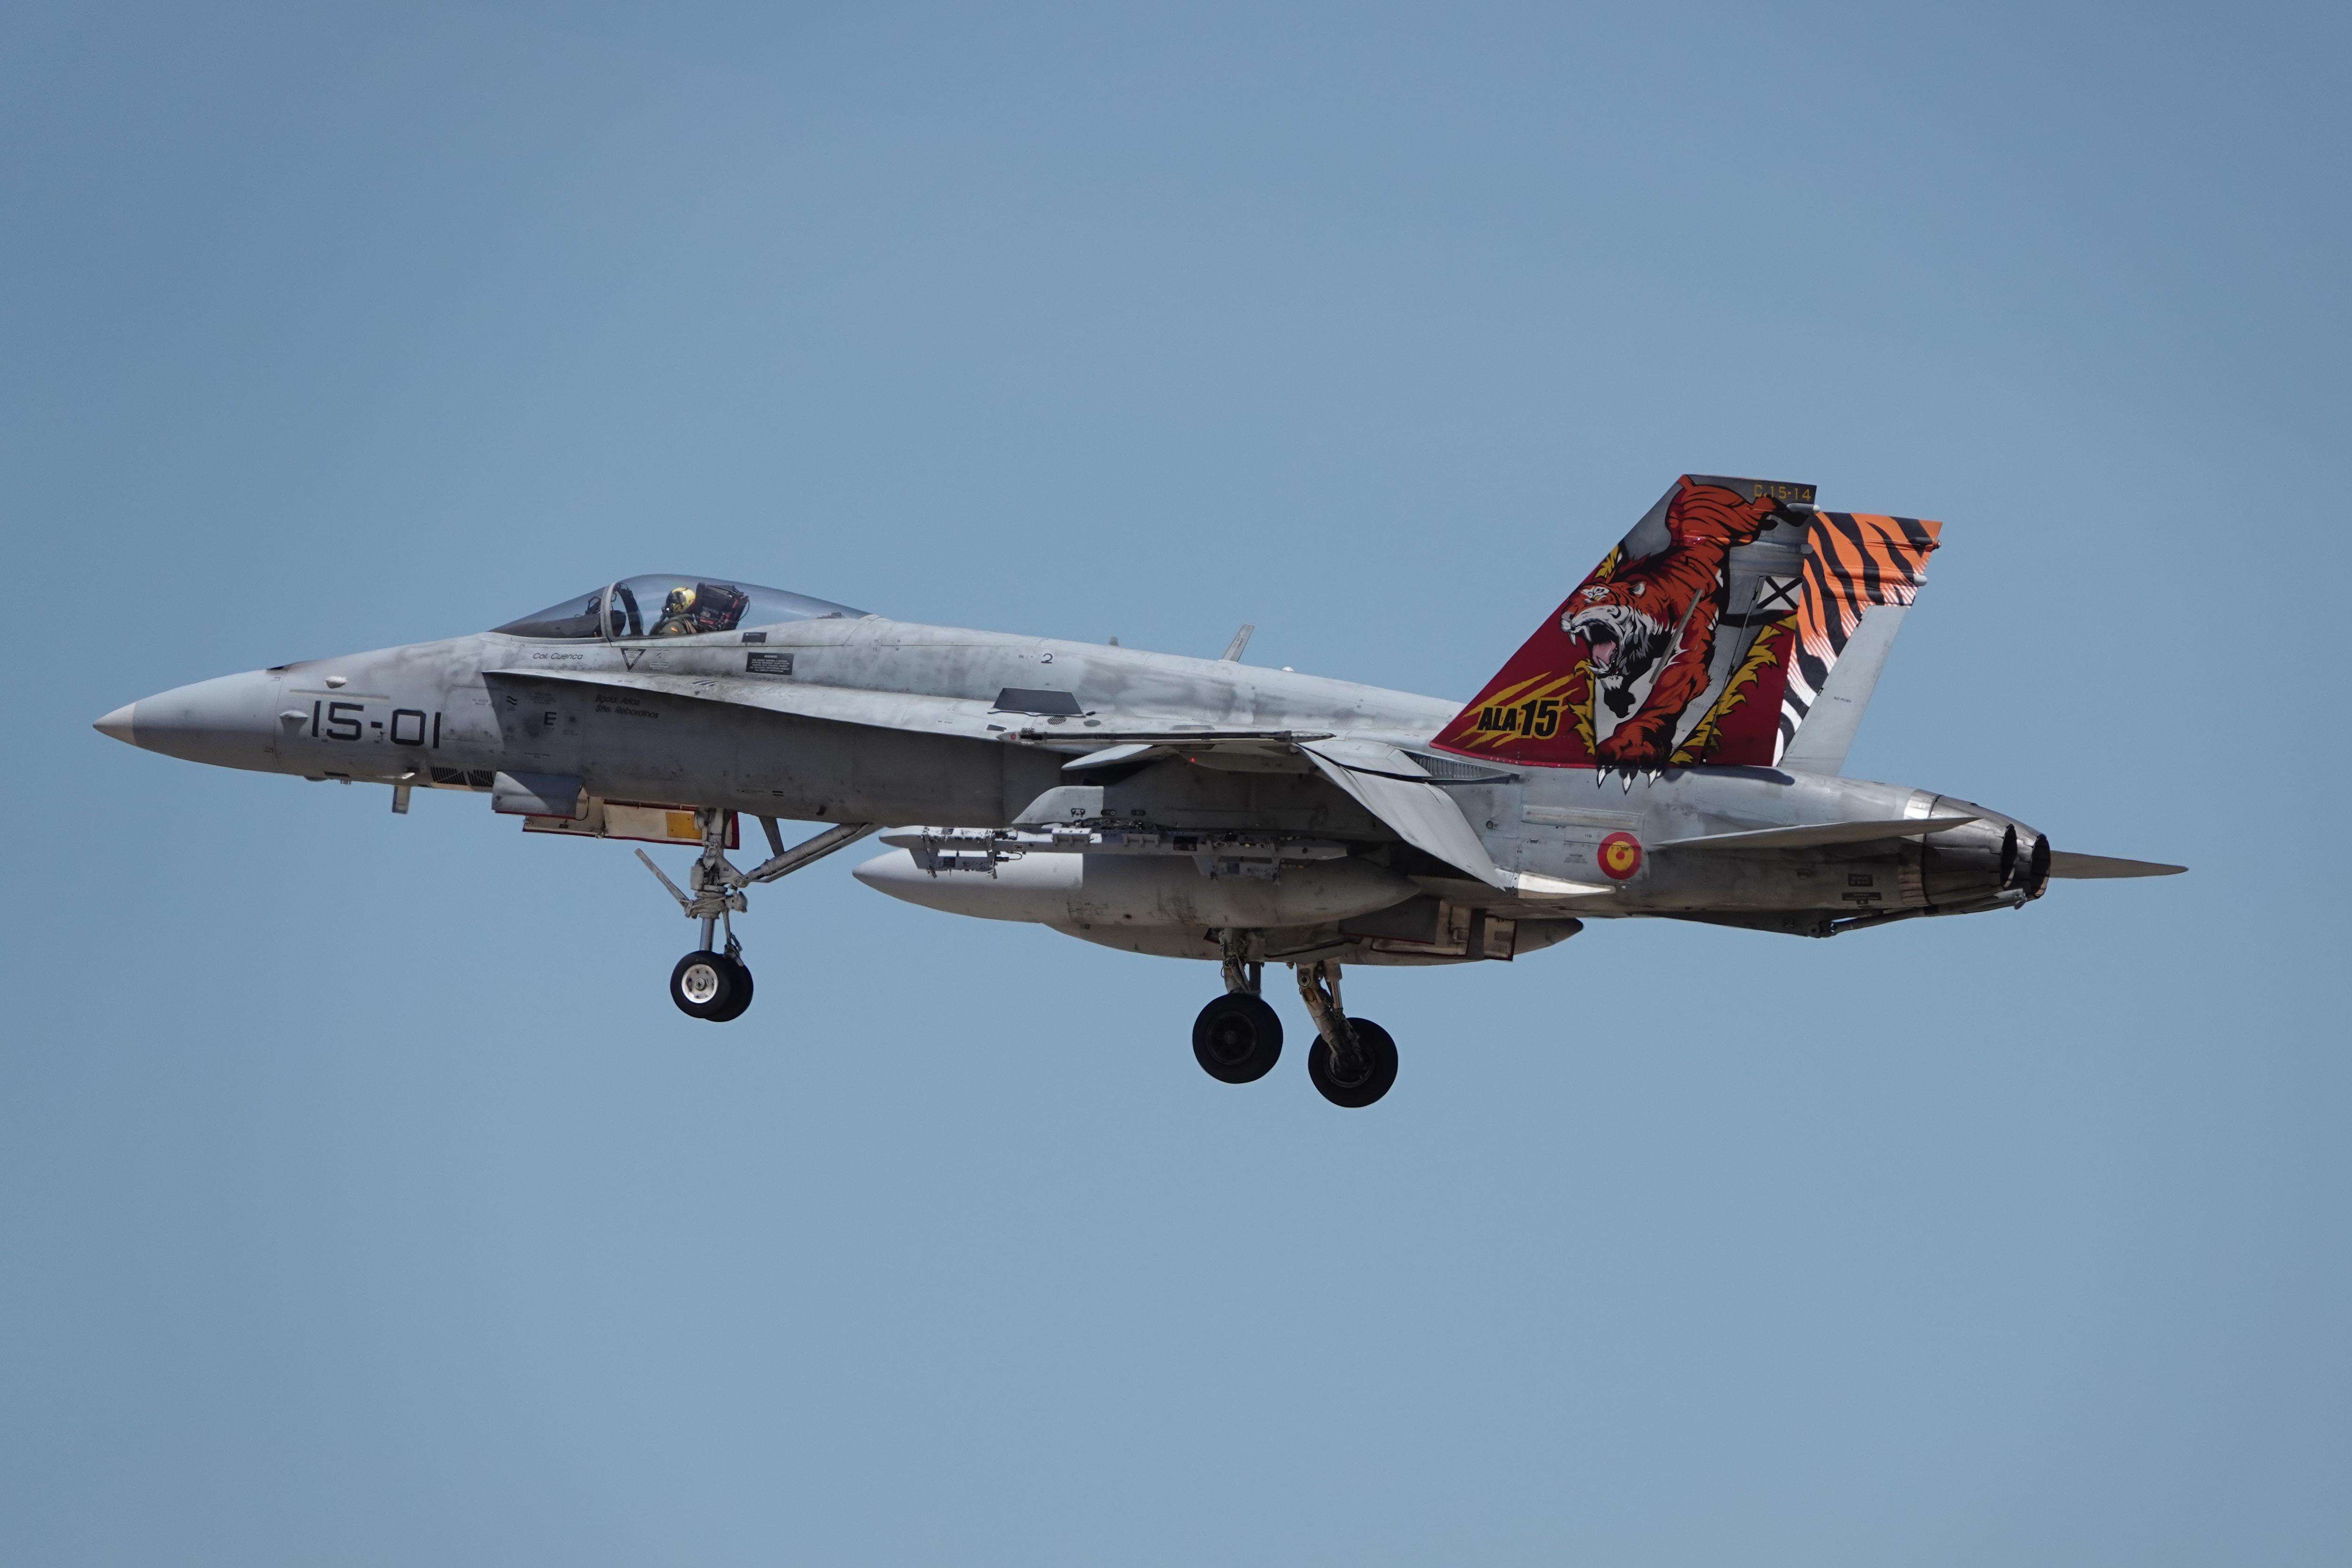 F-18 15-01 ALA15